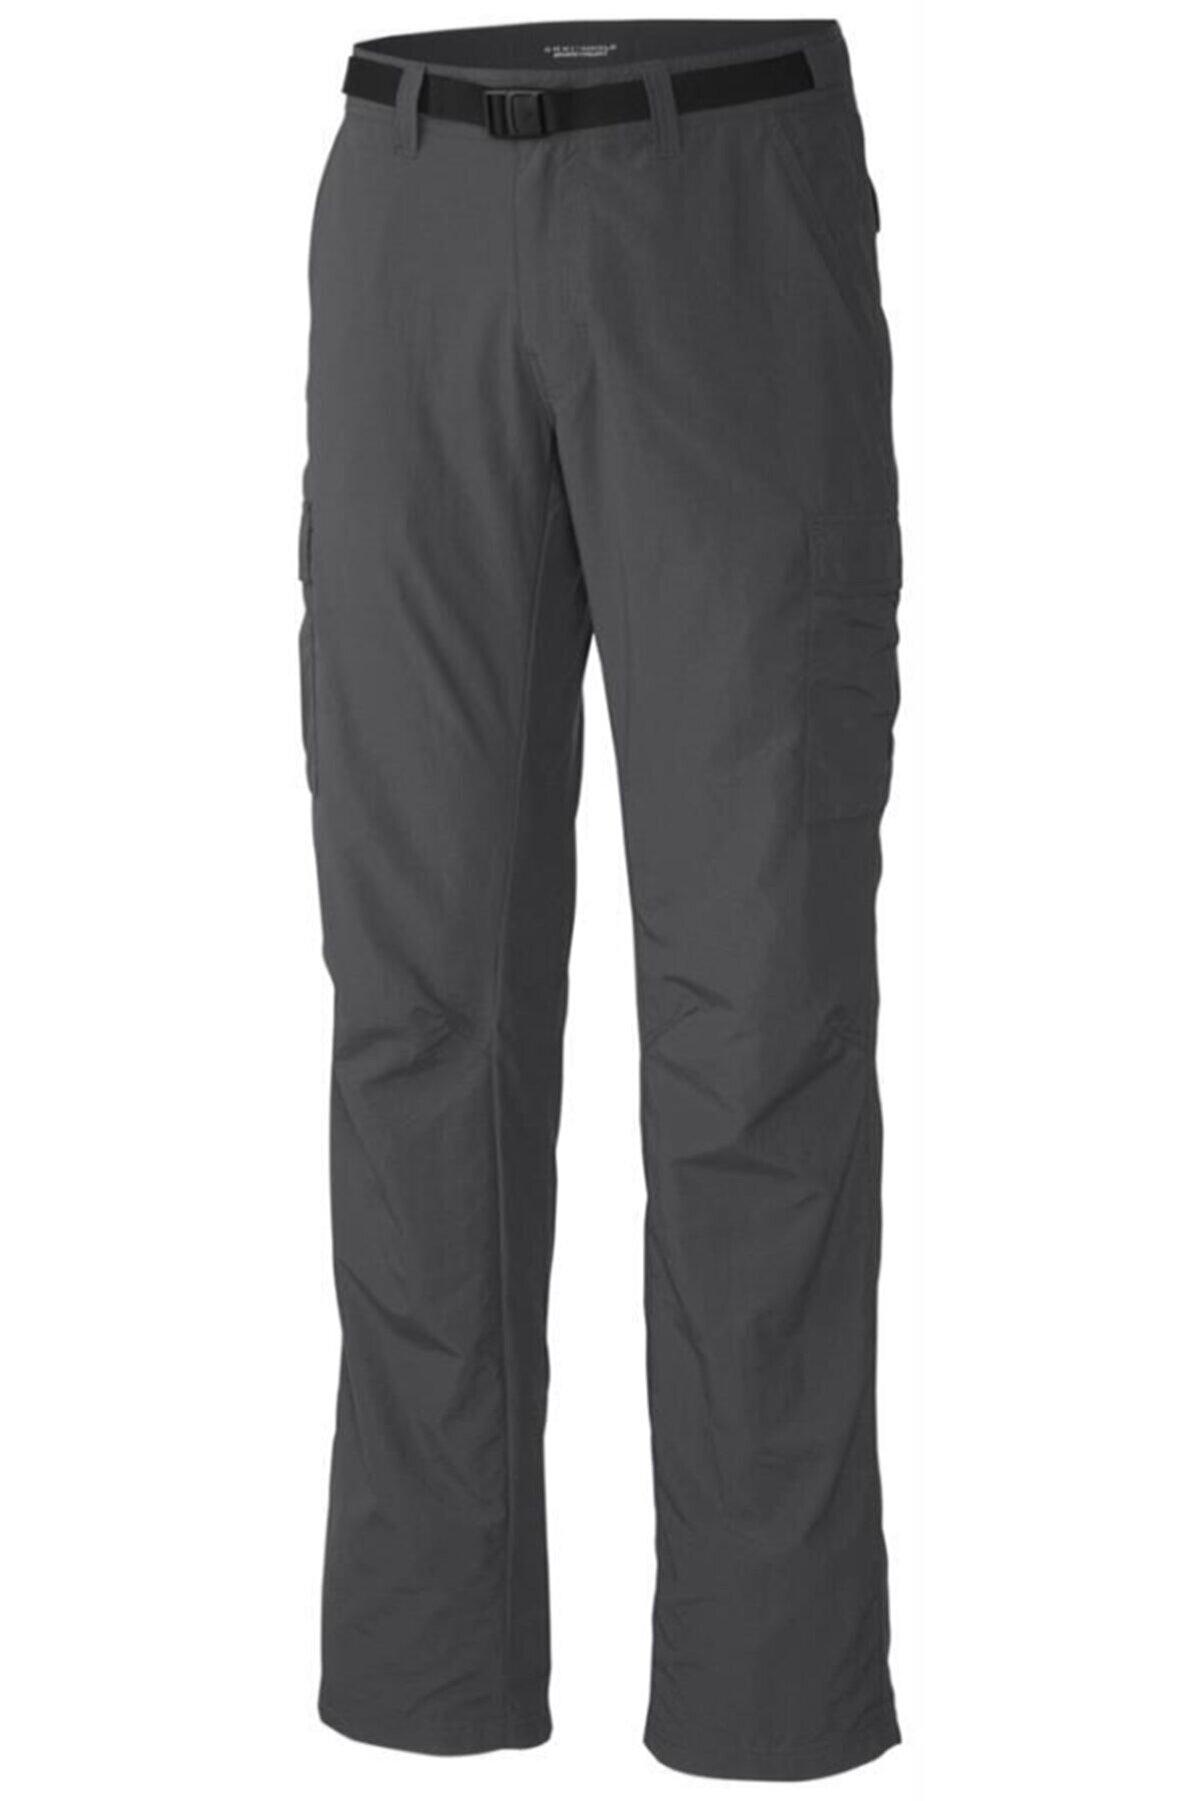 Columbia Cascades Explorer Outdoor Erkek Pantolon Am8686-028